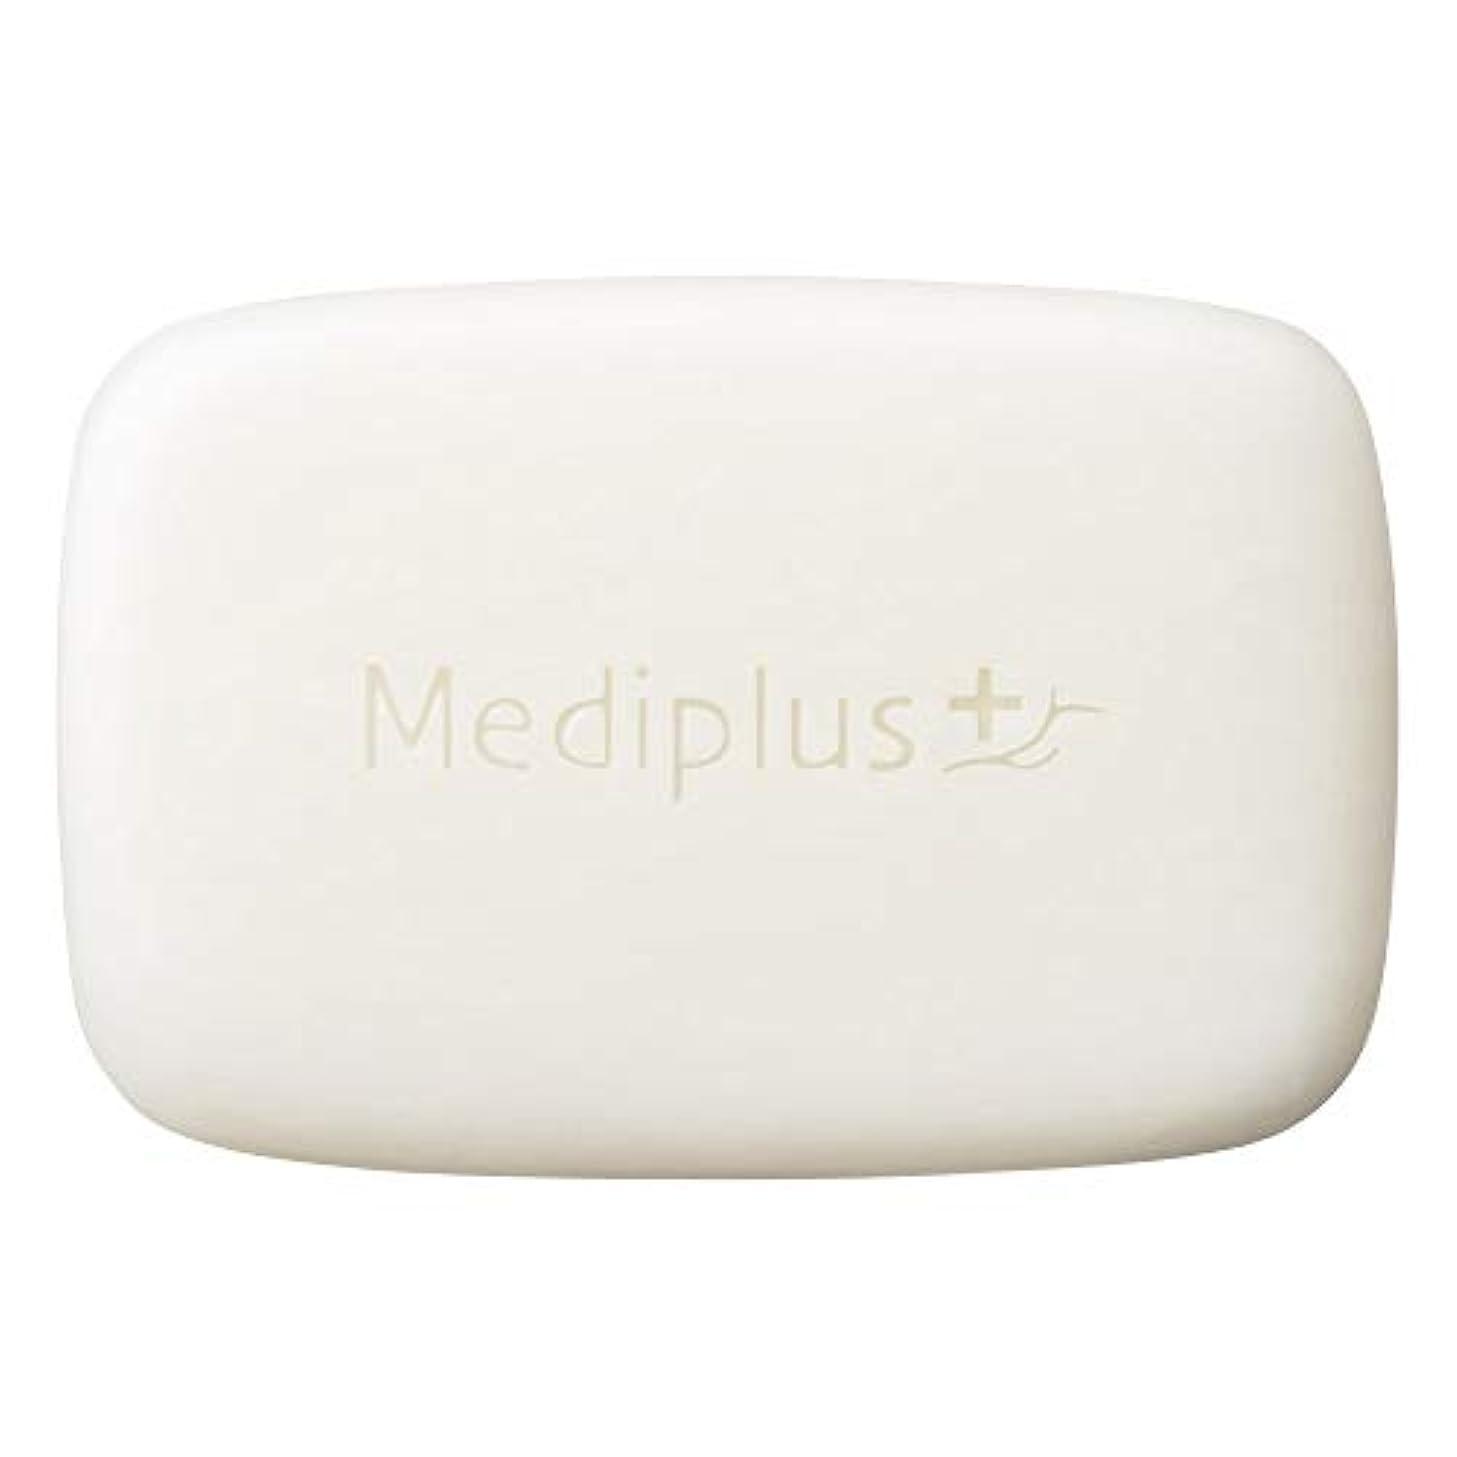 荒廃するパキスタンイヤホンmediplus メディプラス オイルクリームソープ 60g(約2か月分)